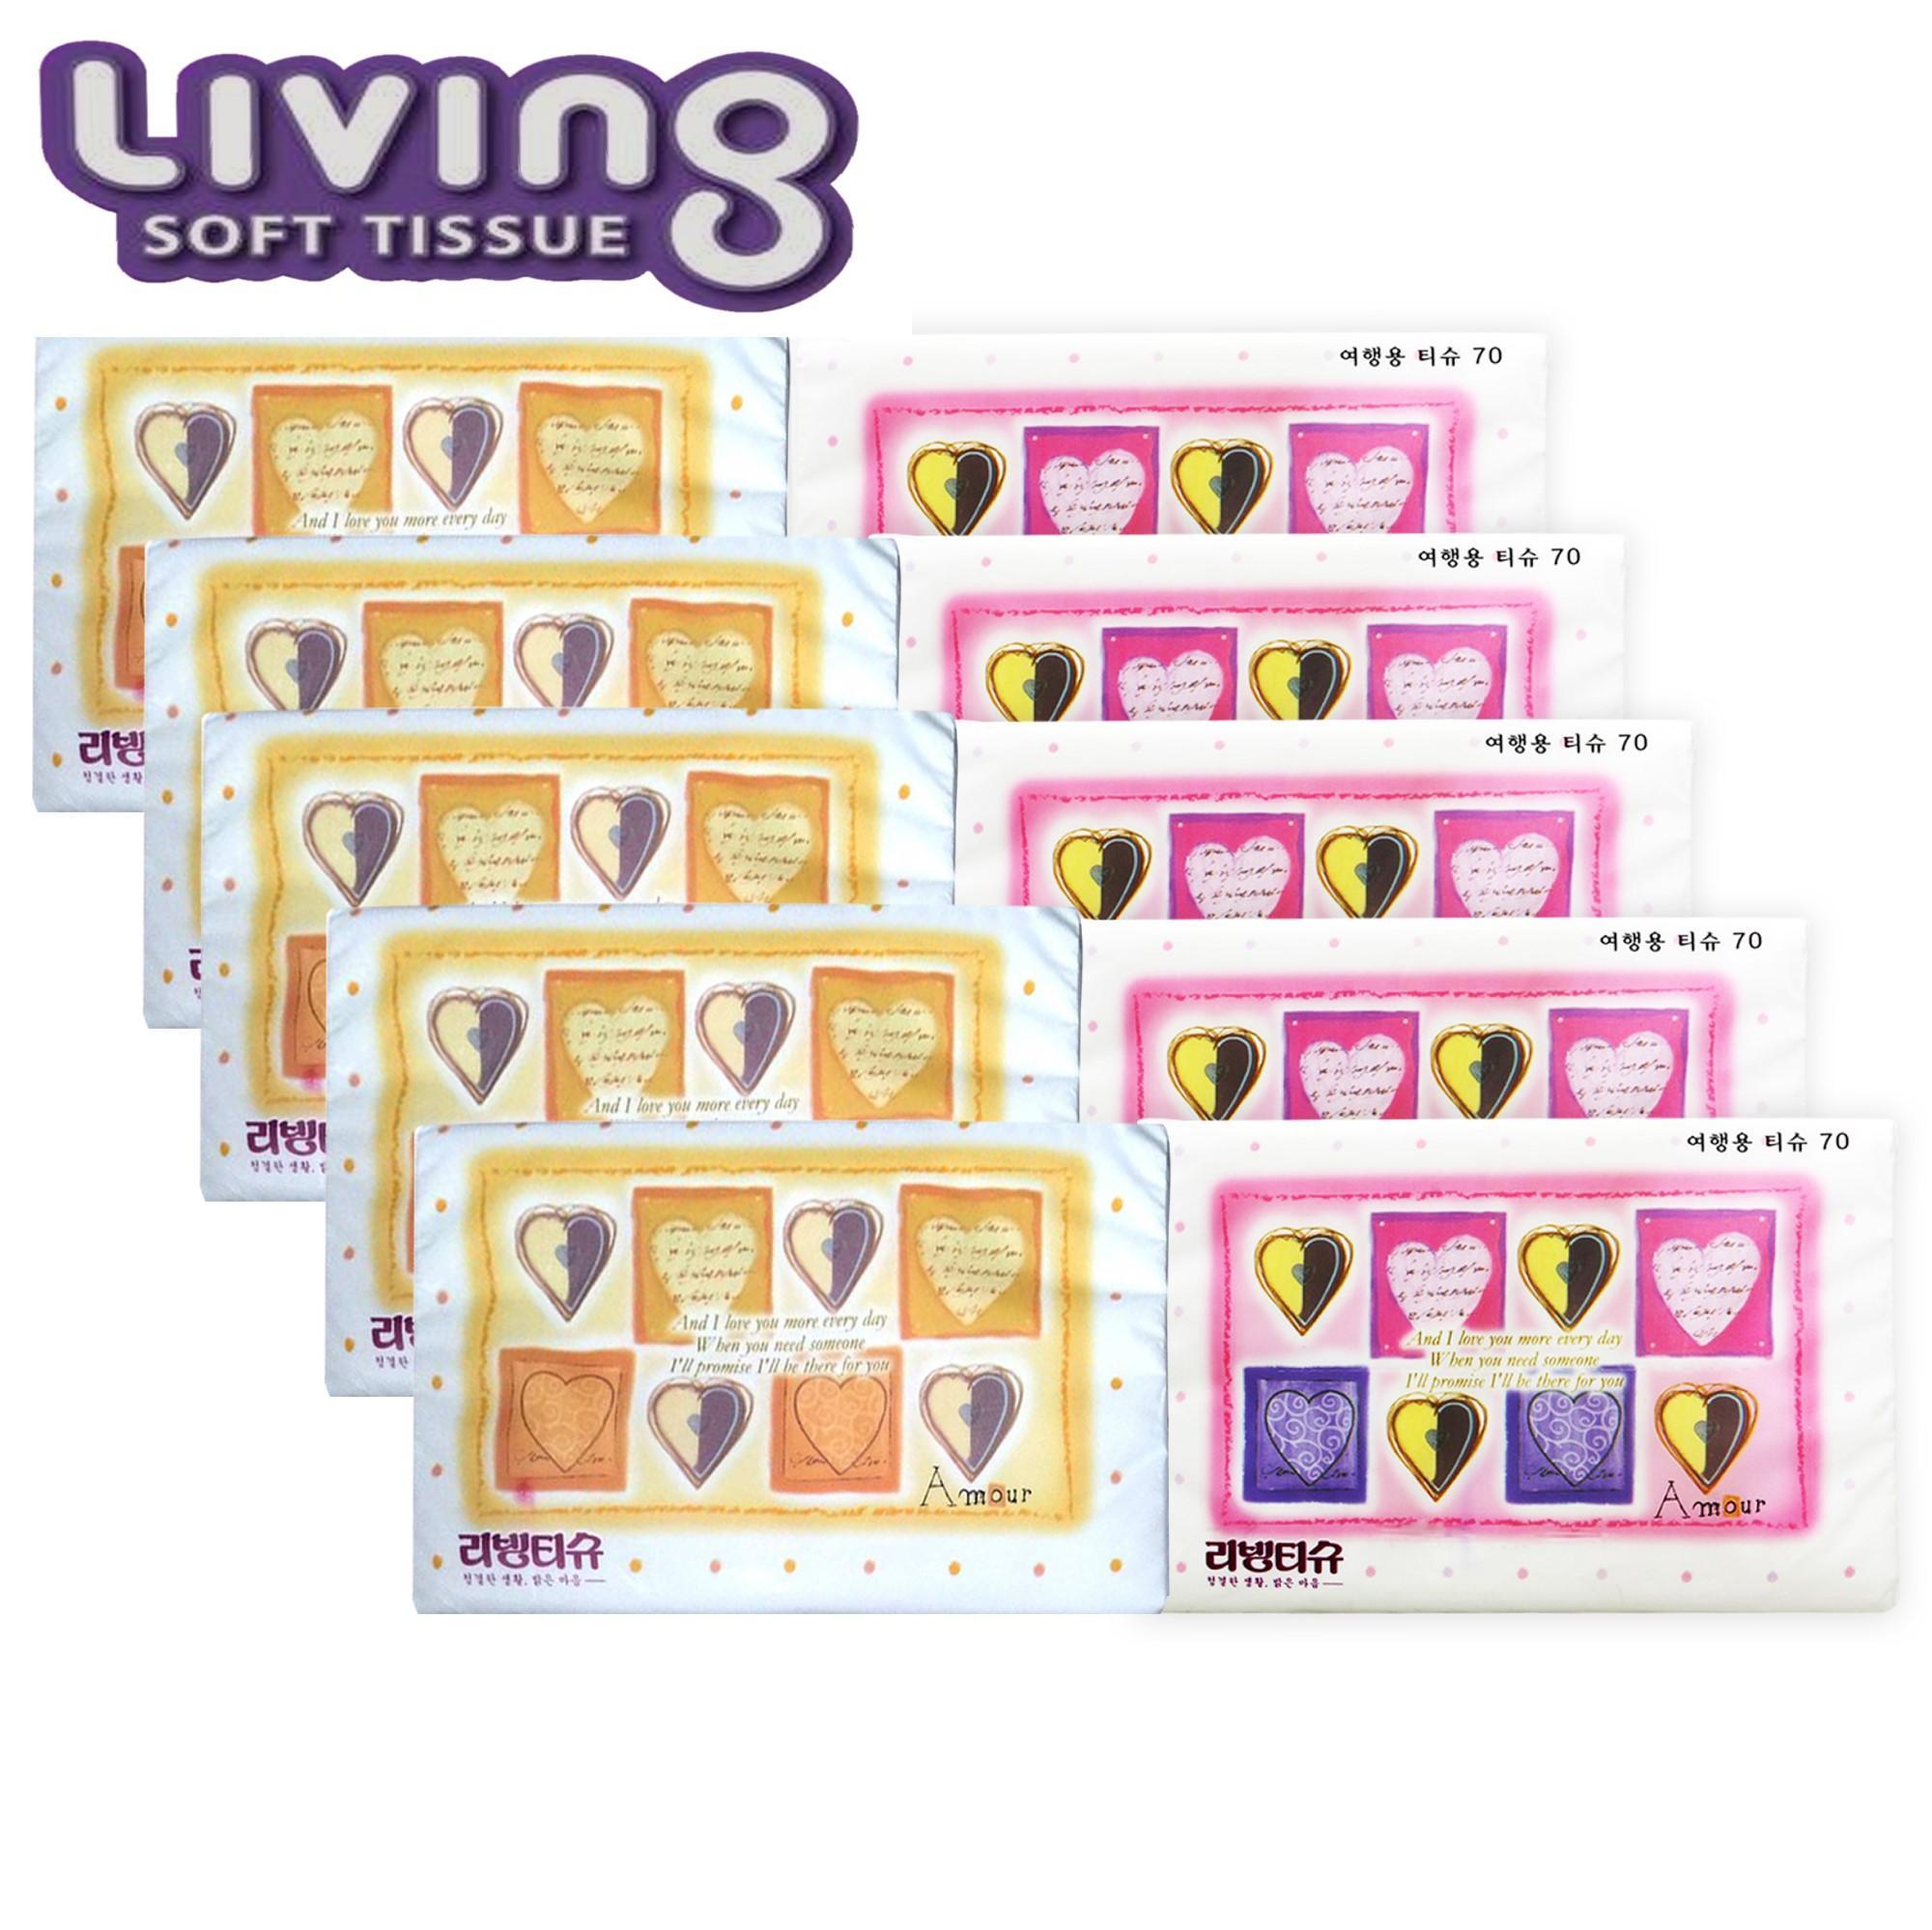 Bộ 10 gói khăn giấy du lịch cao cấp Hàn Quốc Living - loại 70 tờ/gói